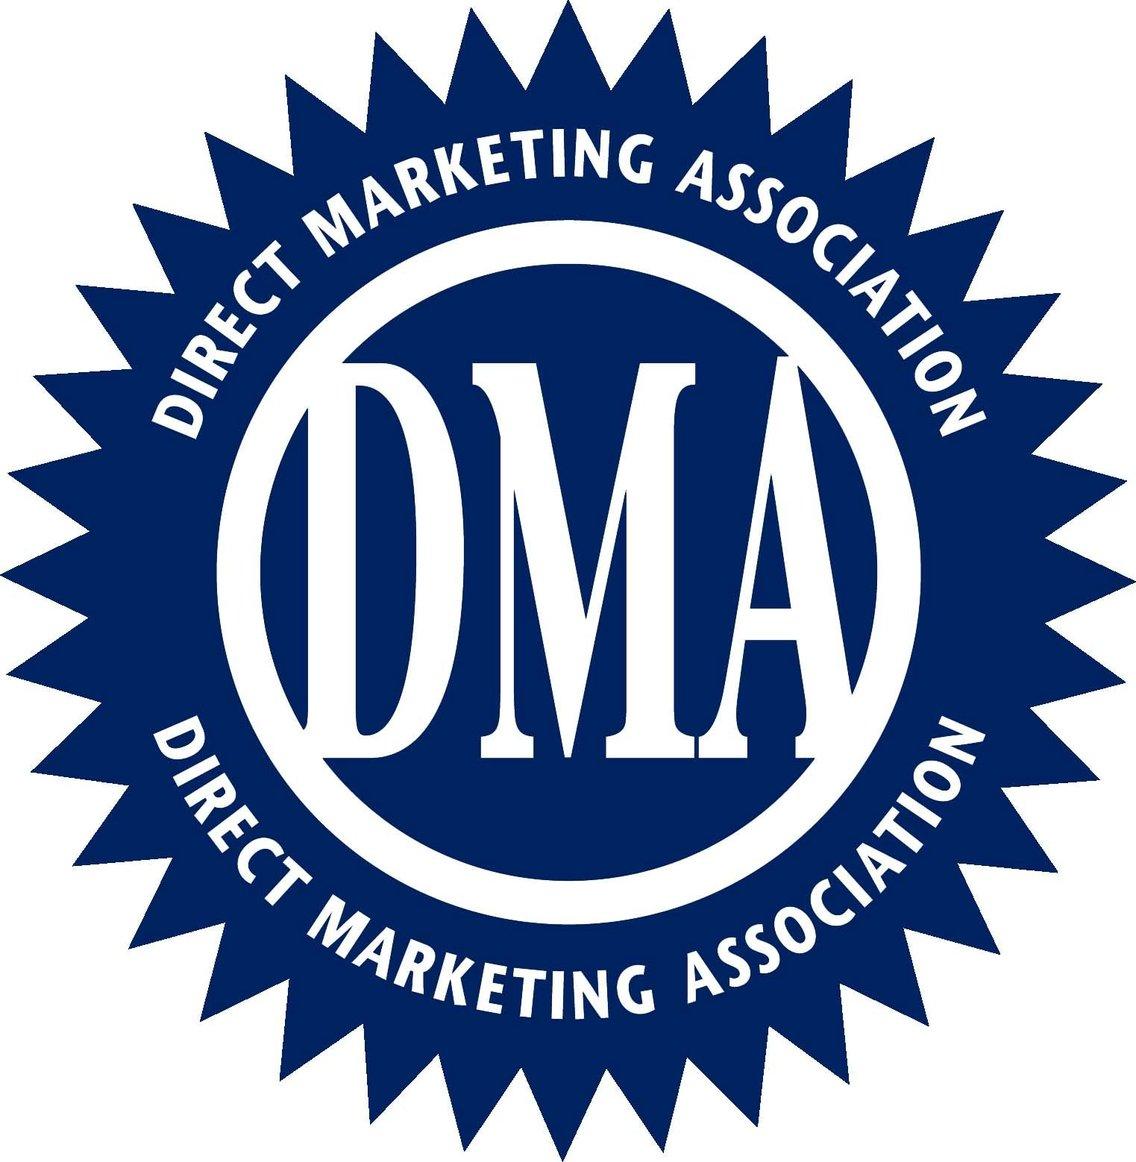 Direct Marketing Association - imagen de portada